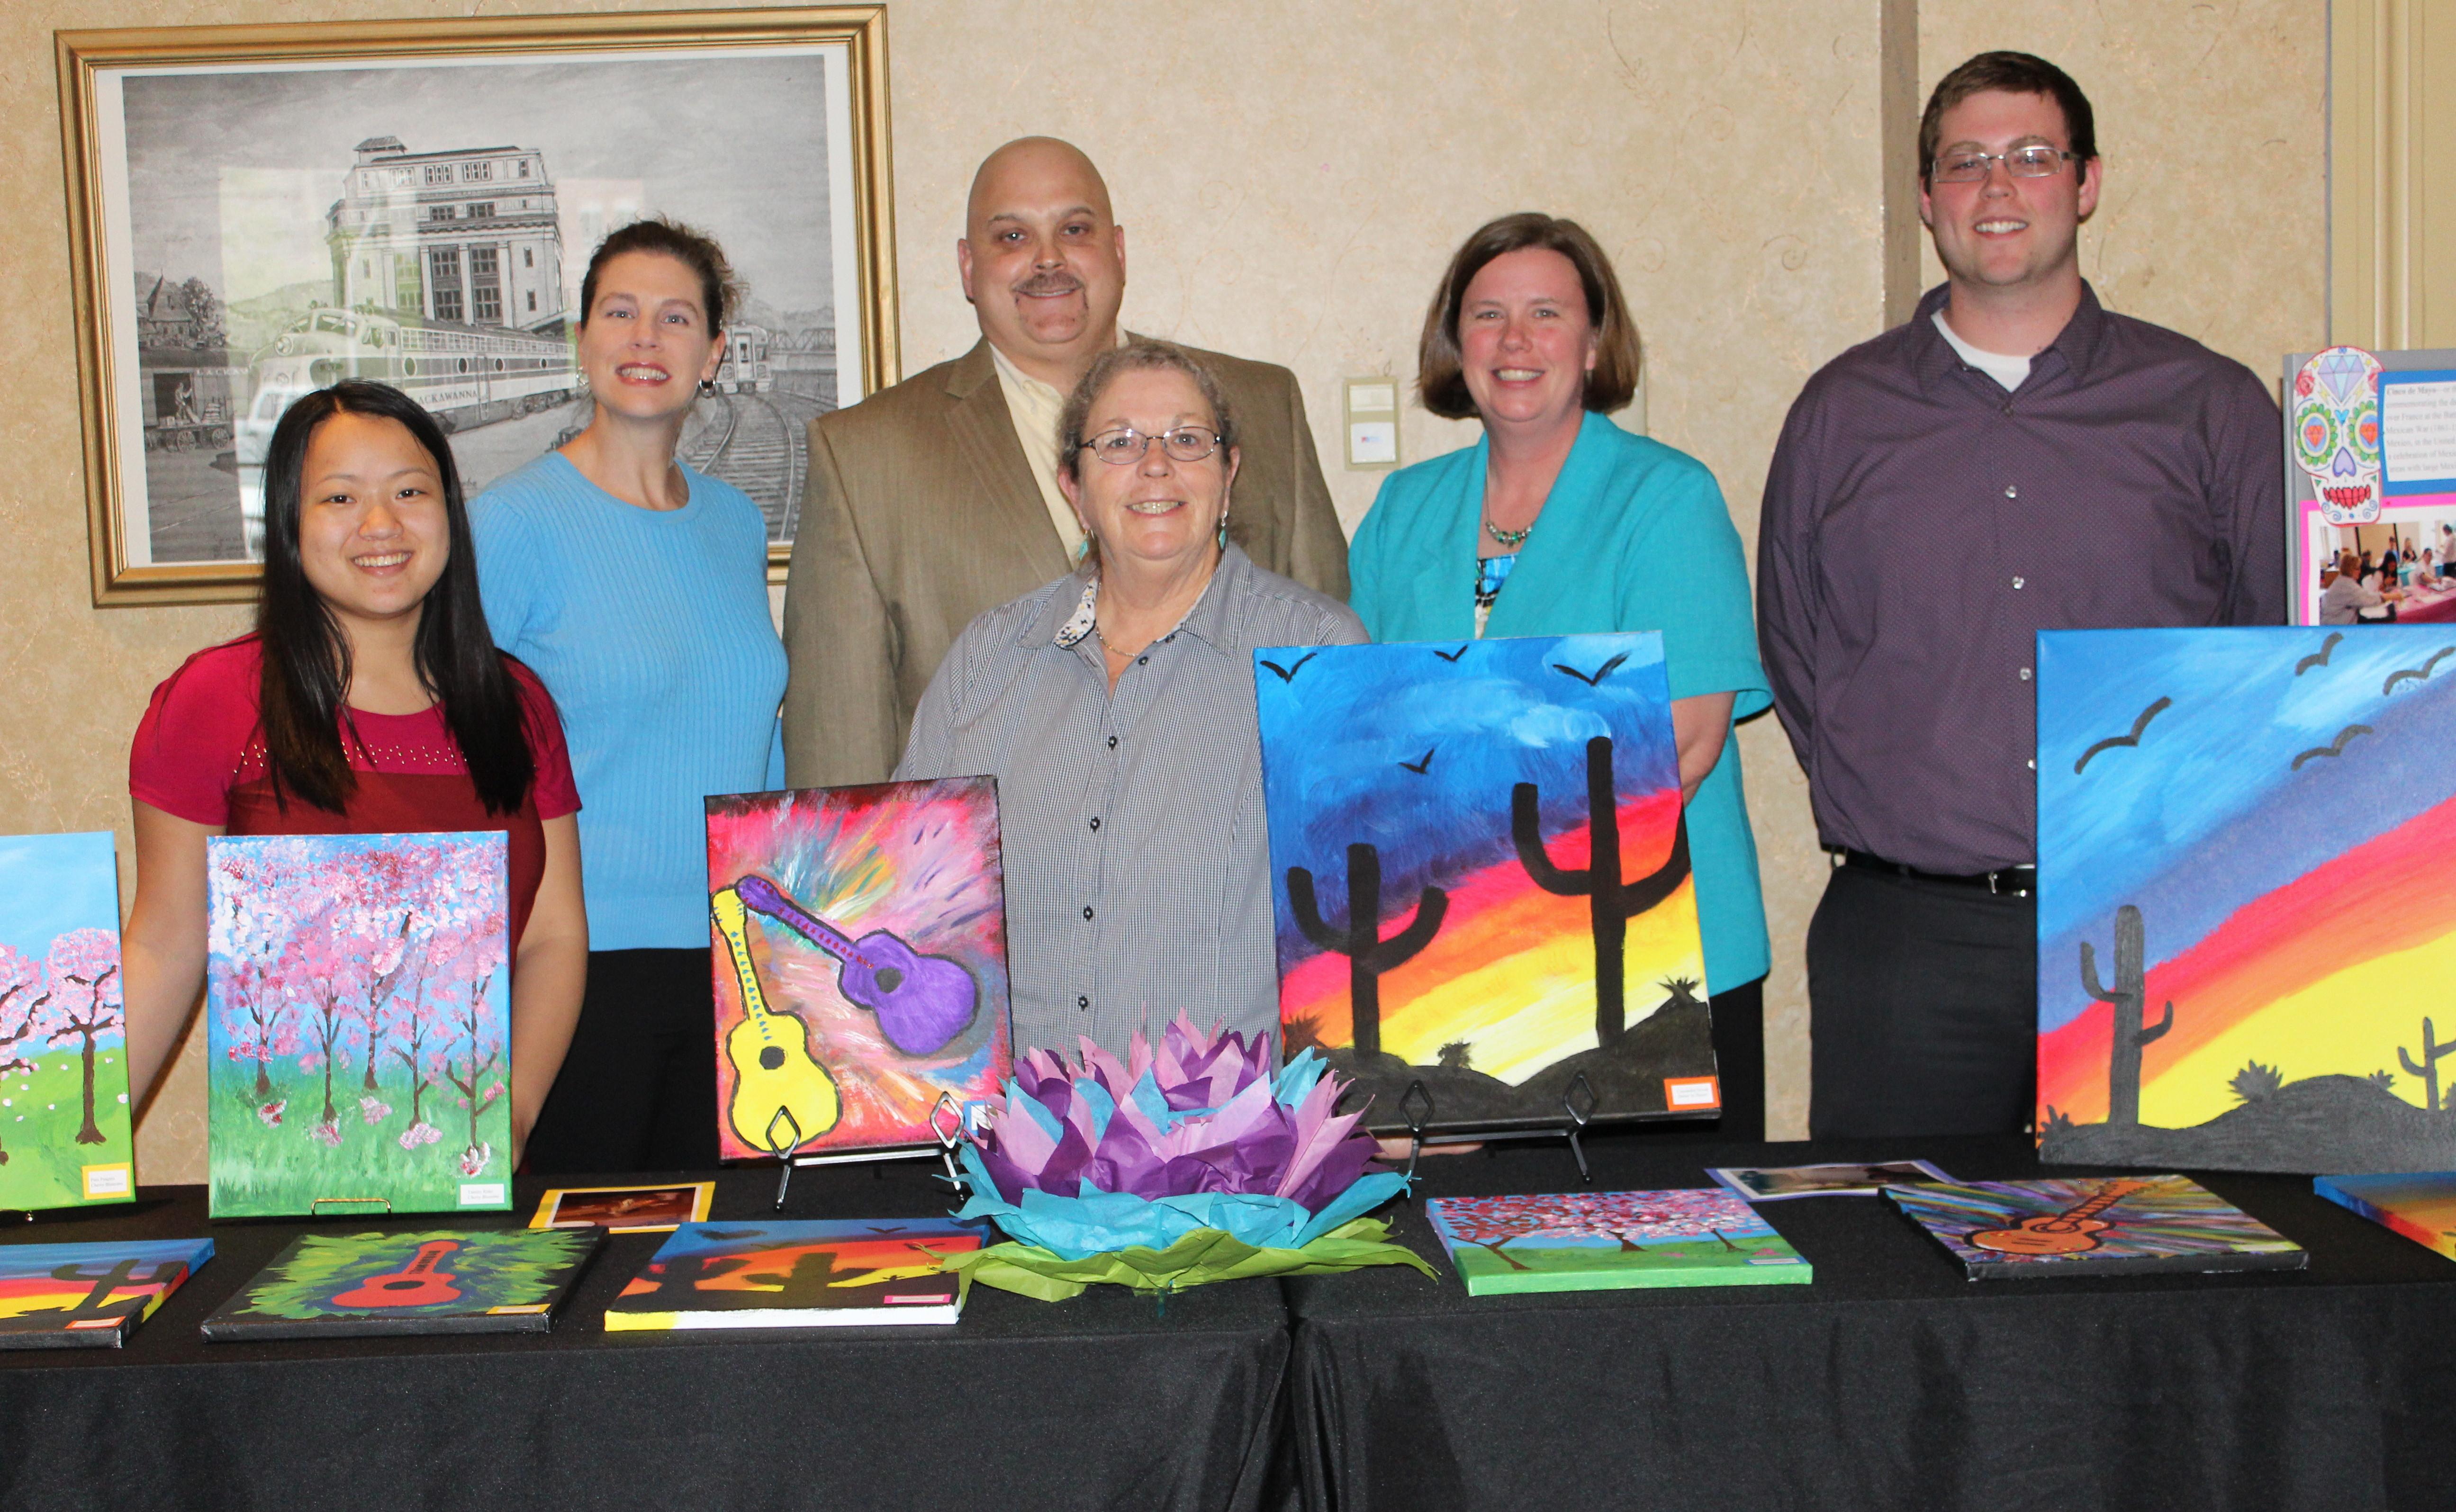 Outreach's Reentry team boosts self esteem through art enrichment activities.